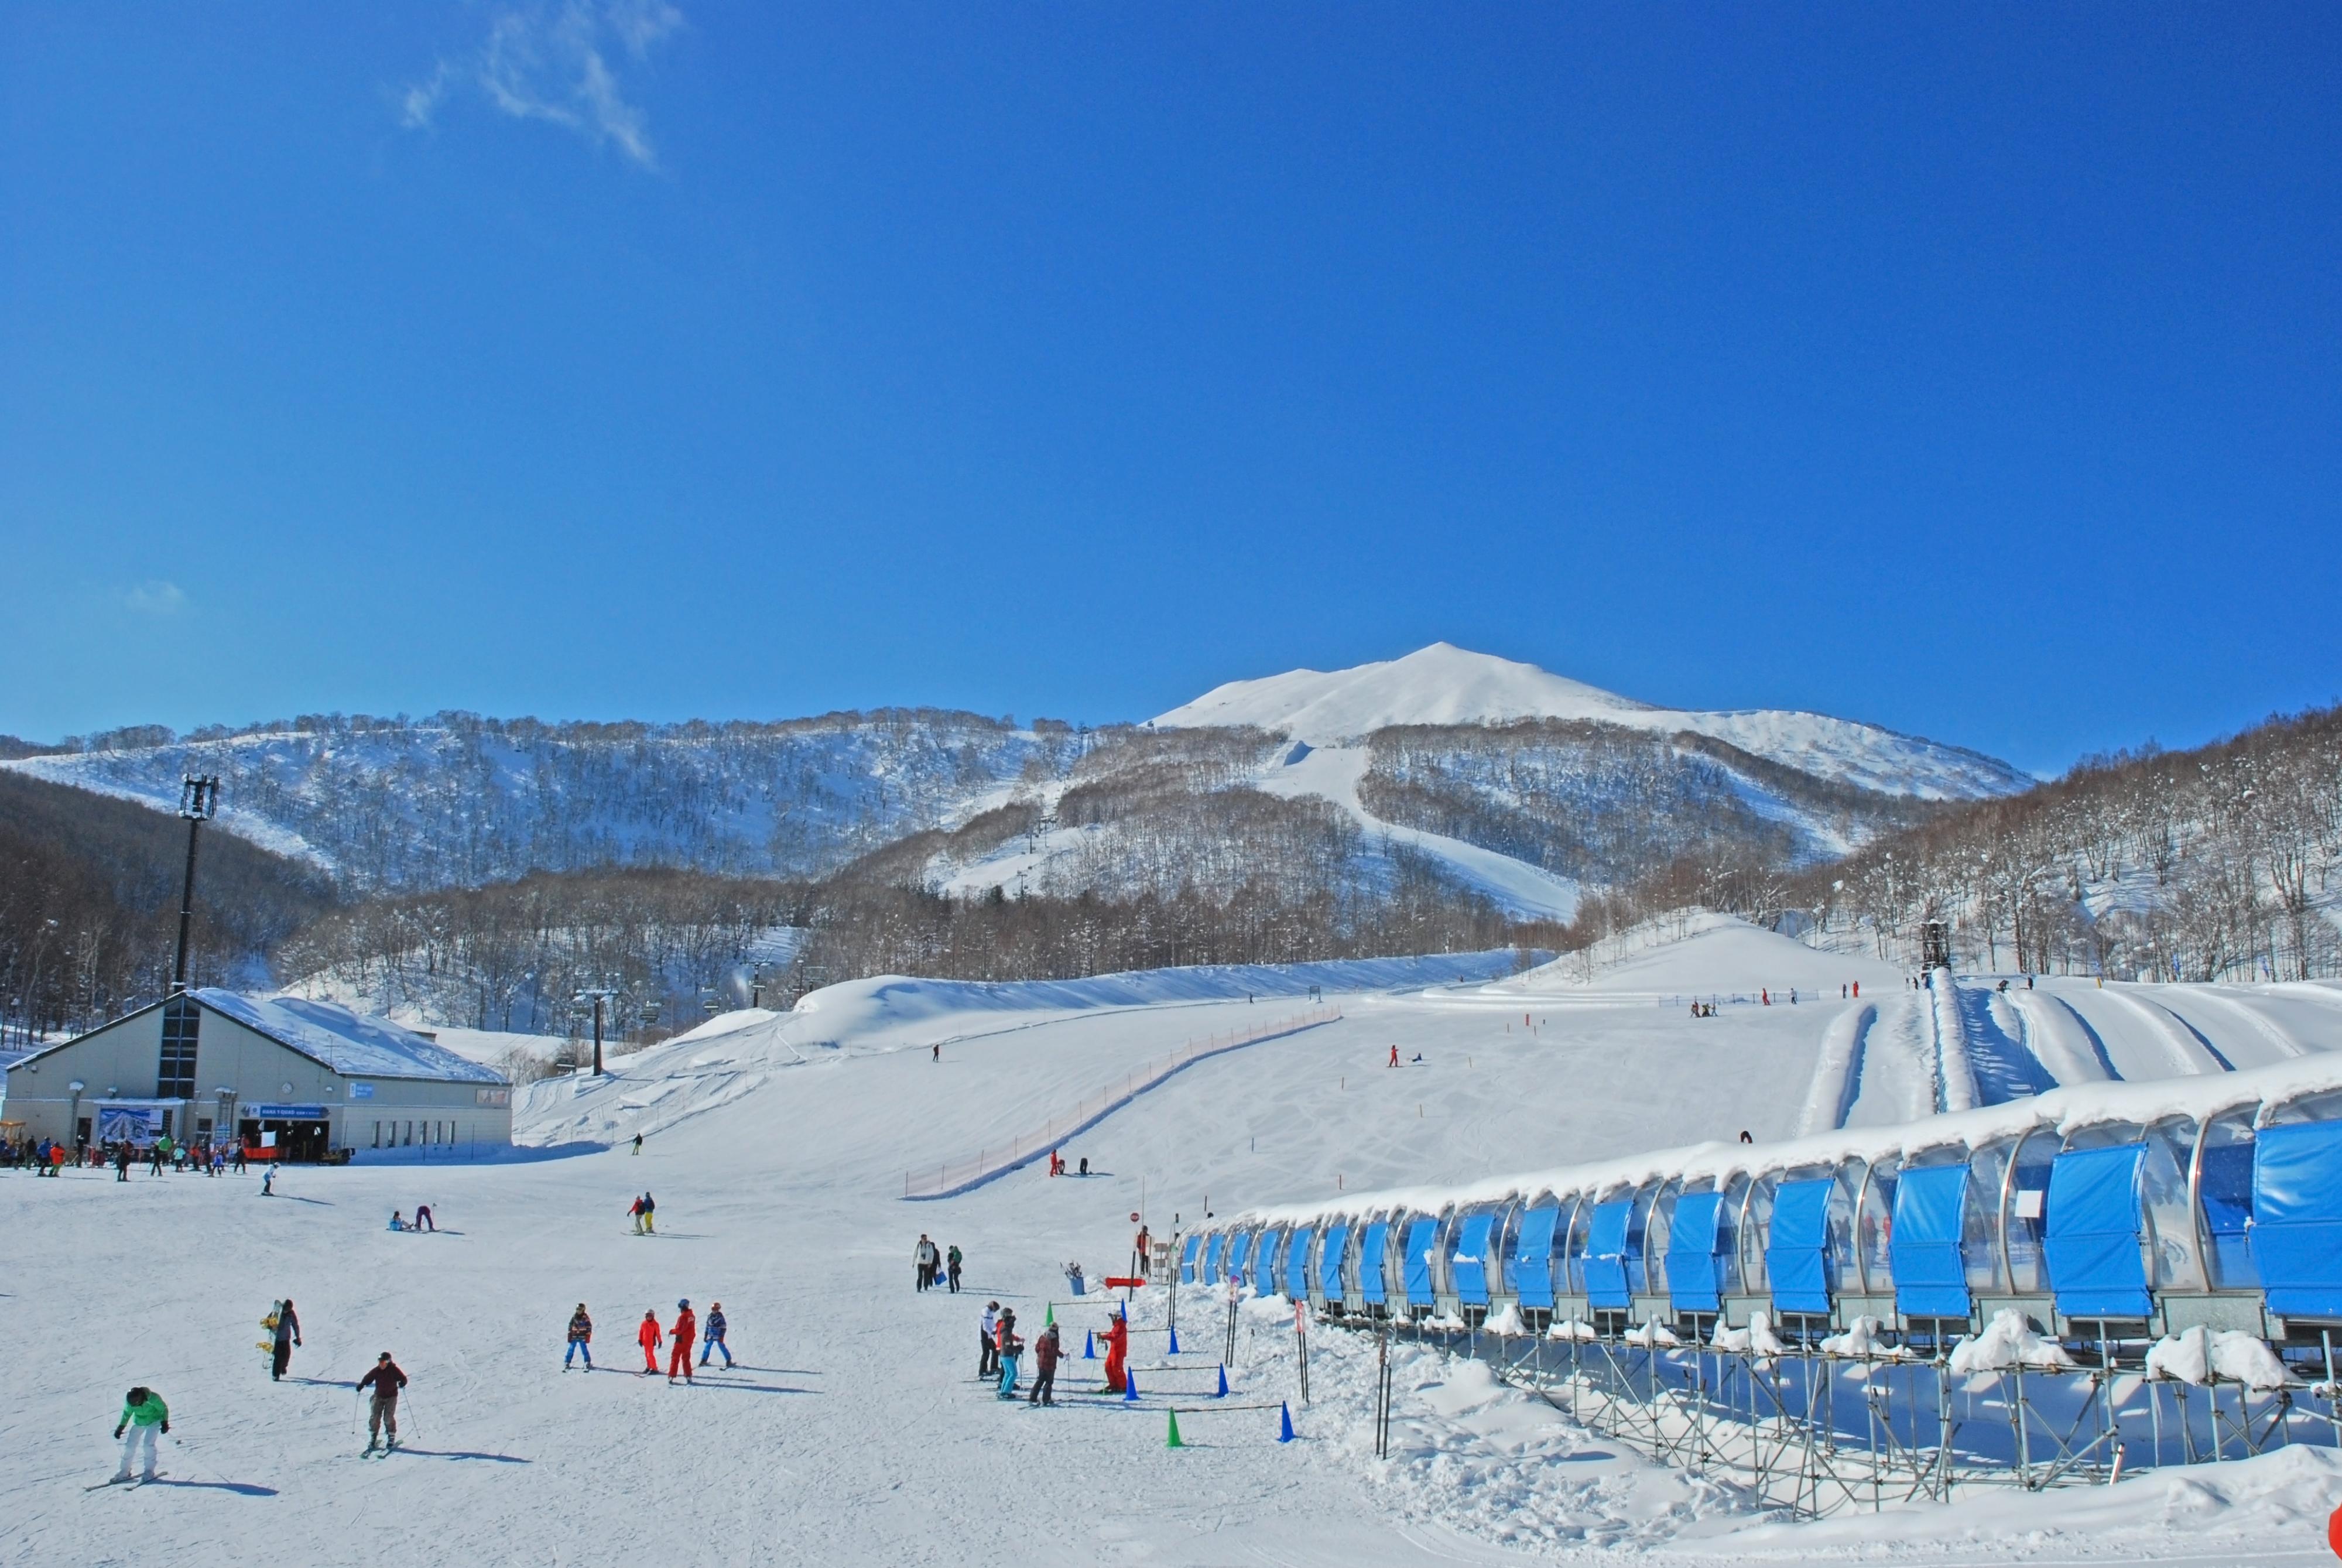 Hokkaido Resort Liner: New Chitose Airport ↔ Rusutsu Resort